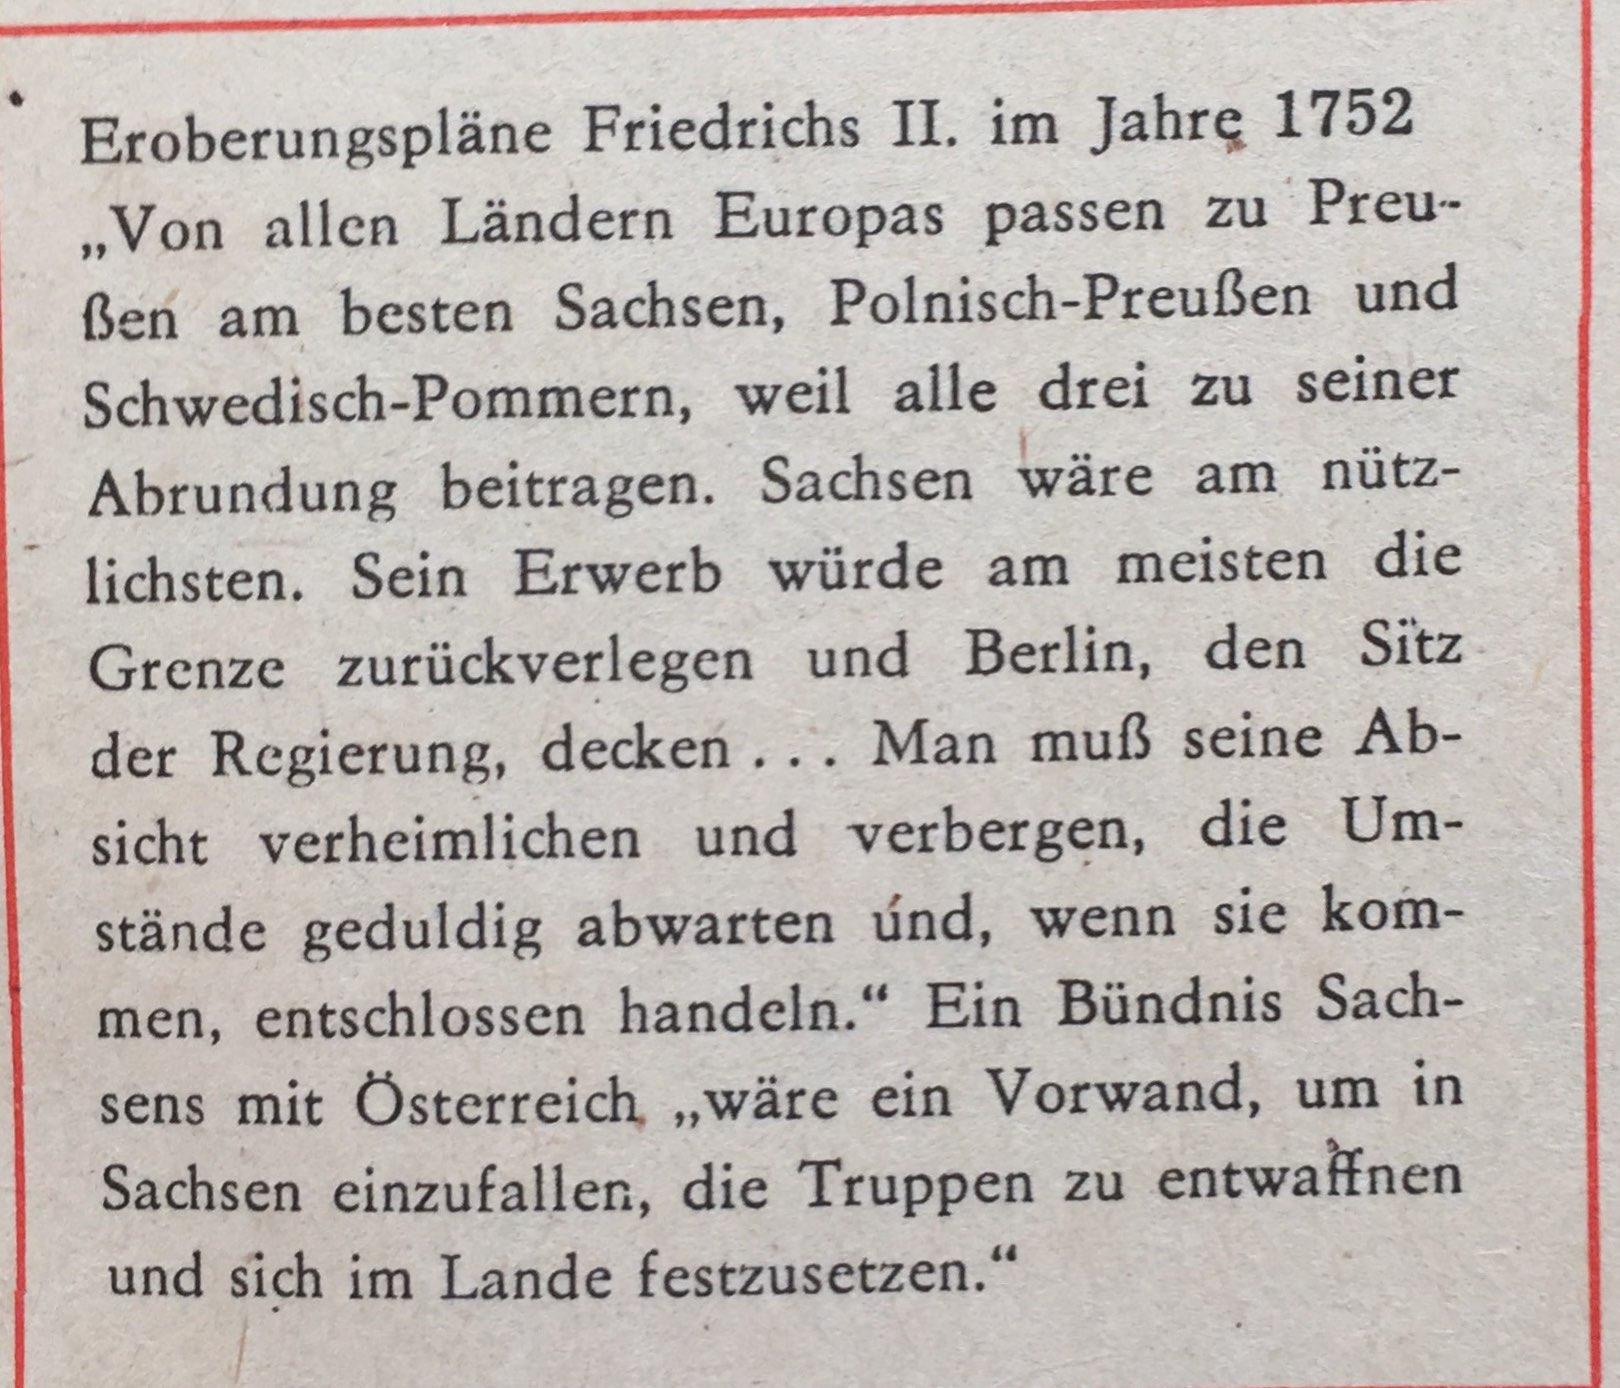 Eroberungspläne FriedrichsII. 1752